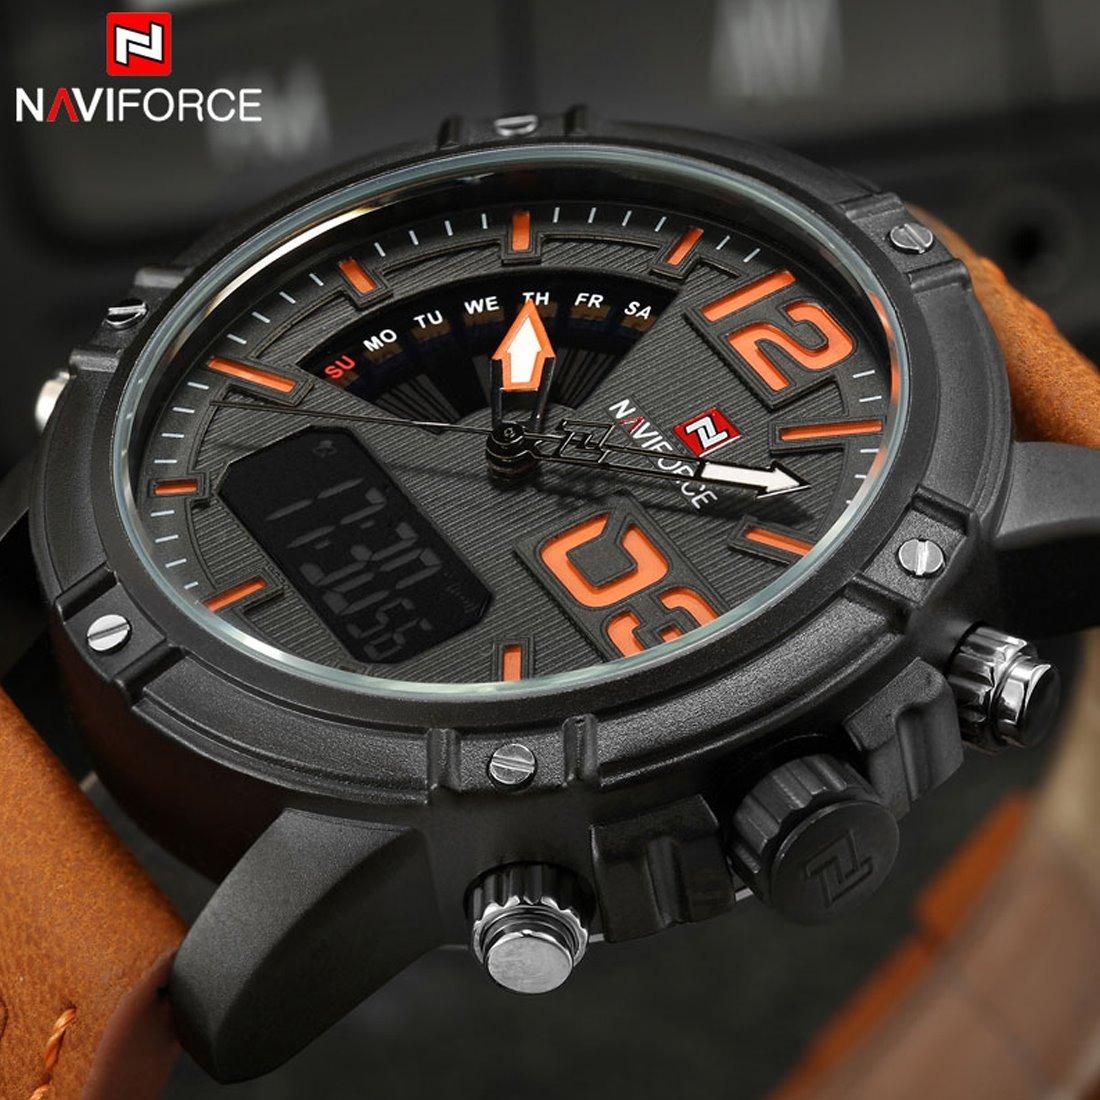 a3ae35ae7d5 relógio naviforce nf9095 masculino original pulseira marrom. Carregando  zoom.